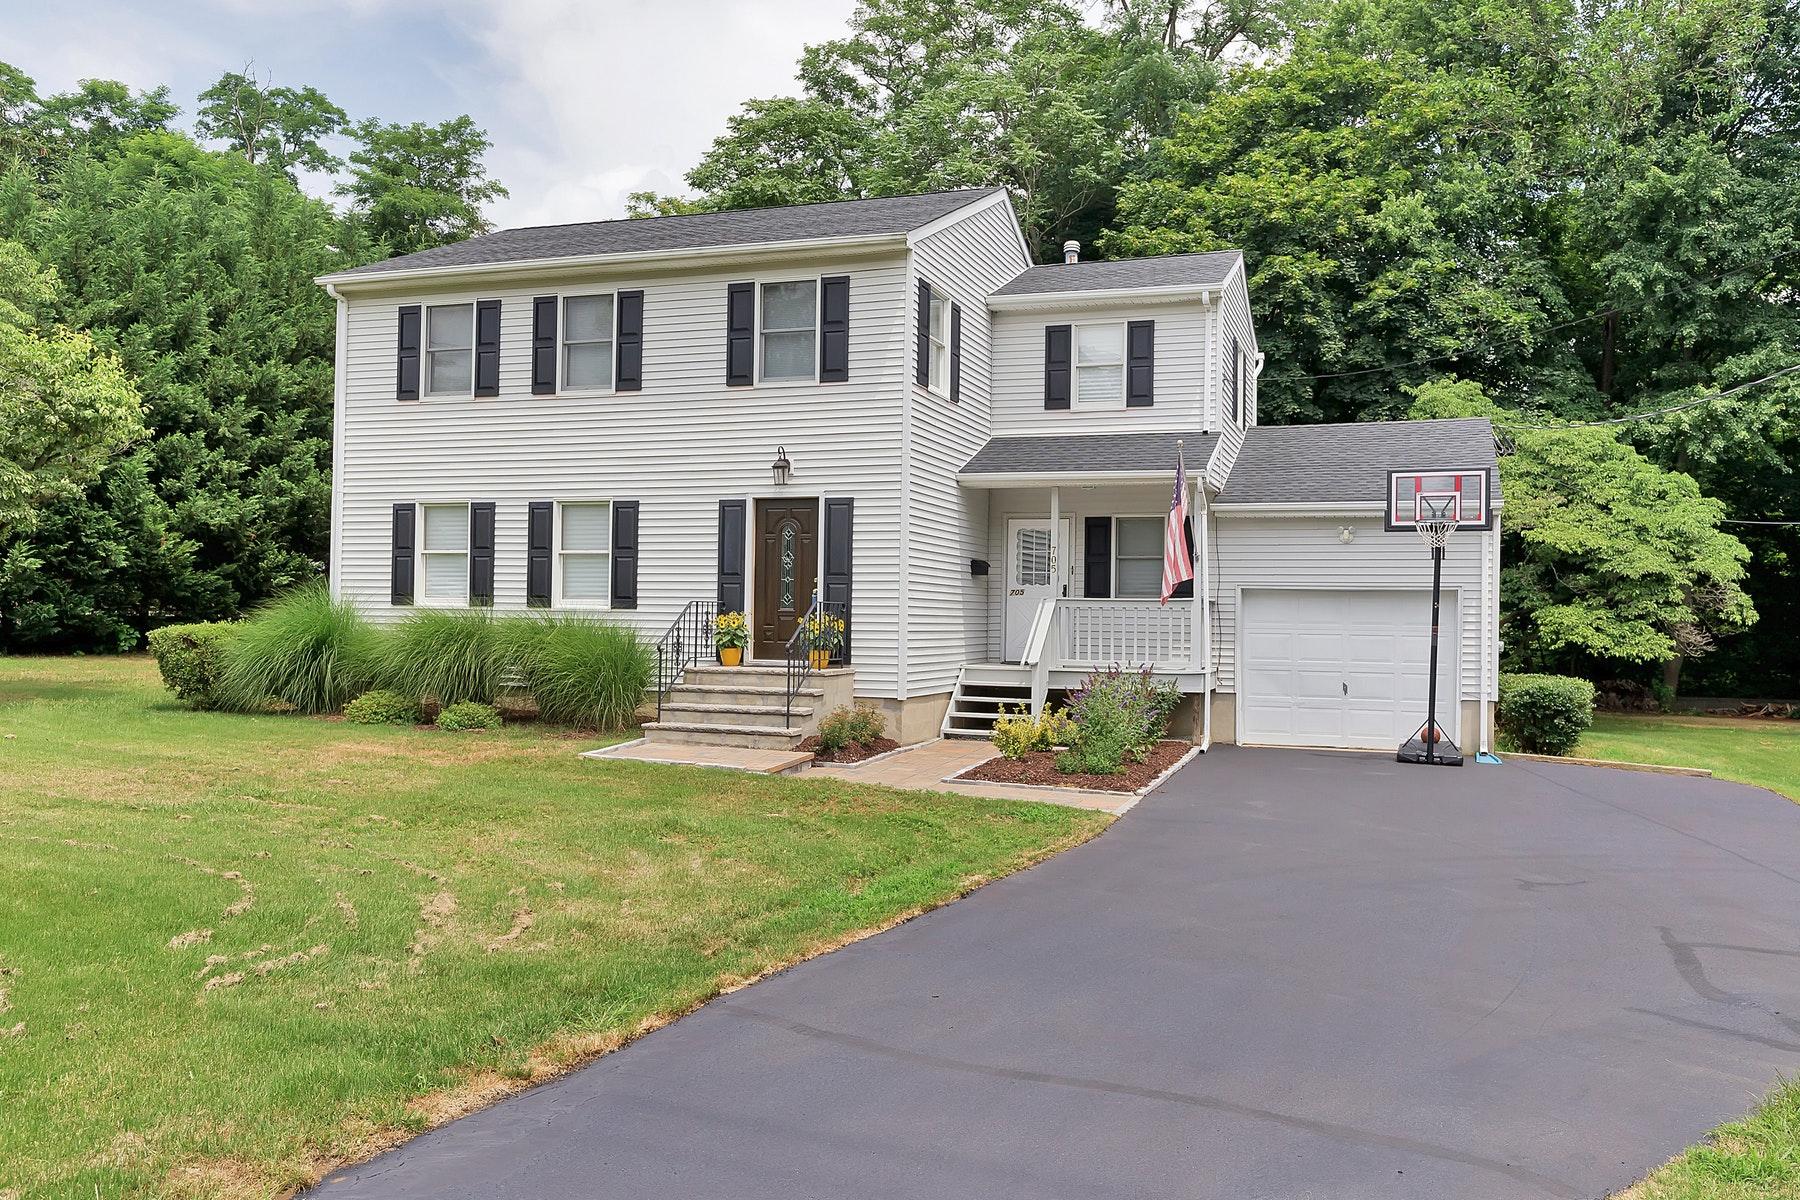 단독 가정 주택 용 매매 에 705 Park Avenue Middletown, 뉴저지, 07748 미국